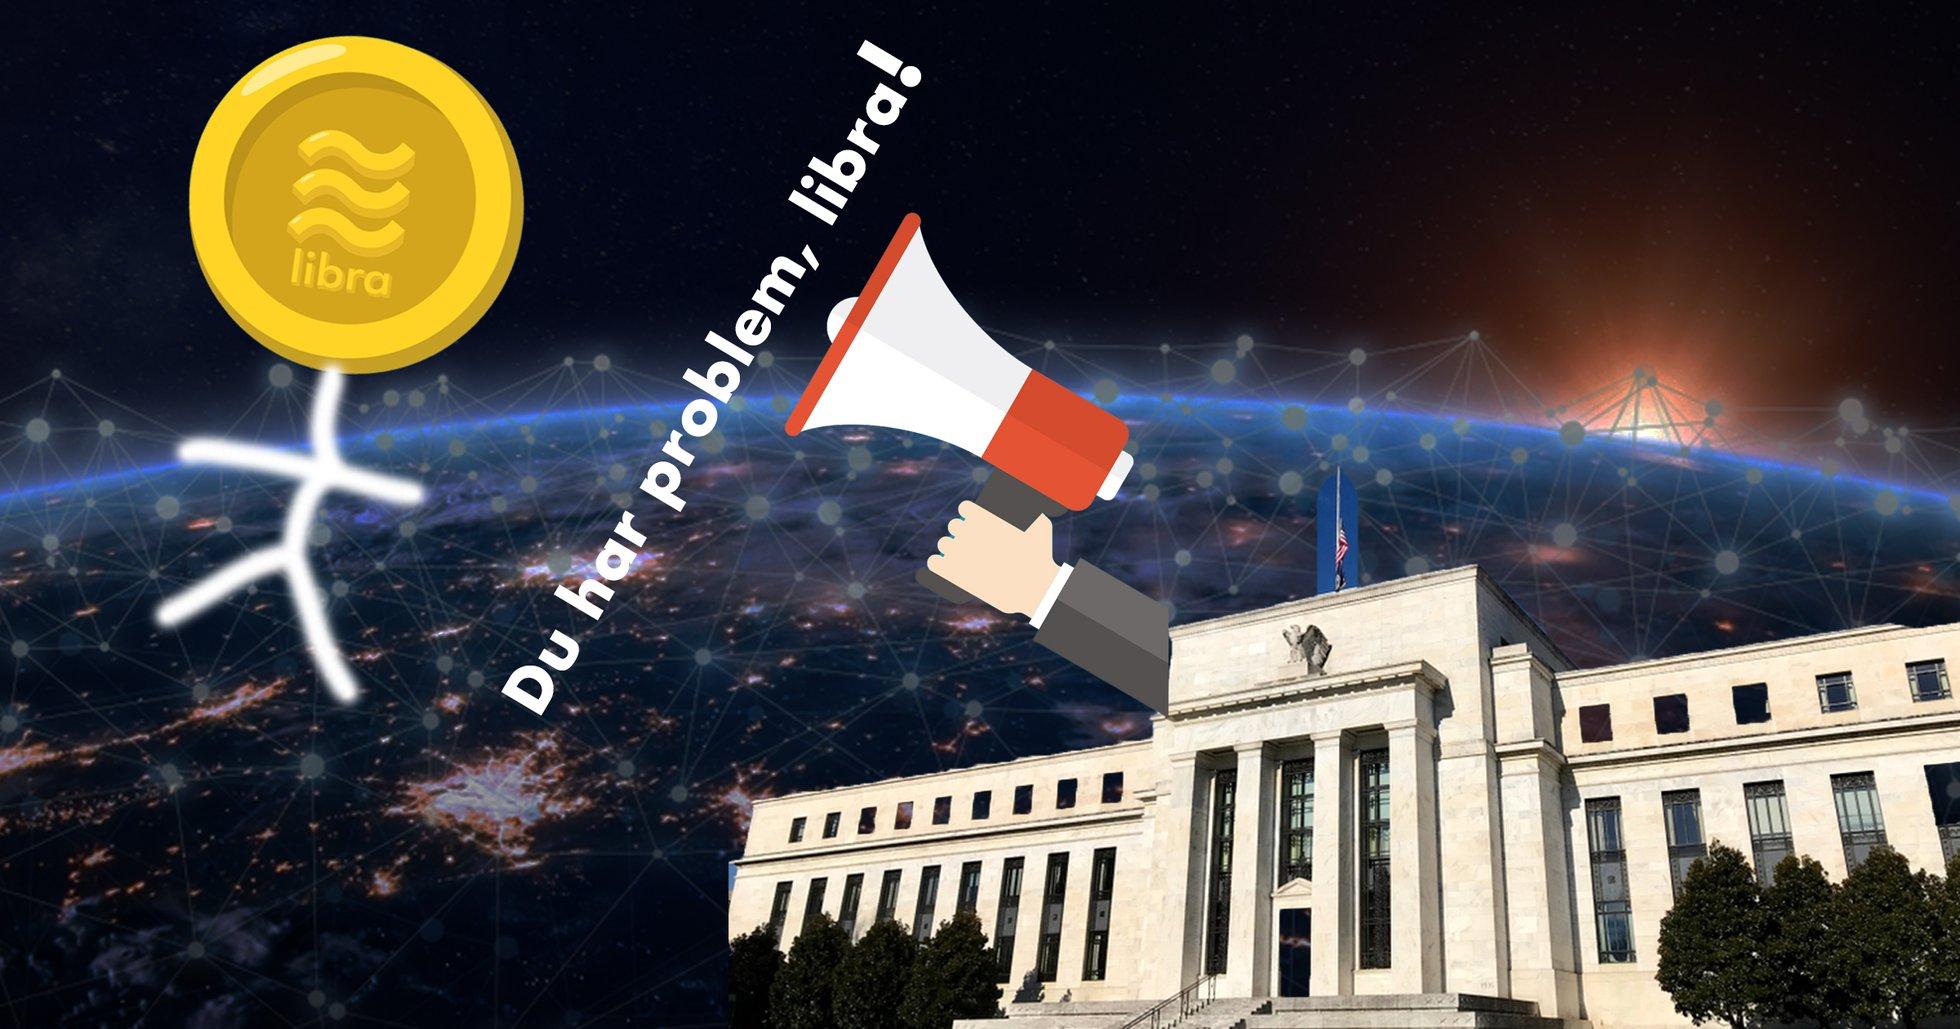 Amerikanska centralbankschefen: Facebooks kryptovaluta libra har problem som måste lösas